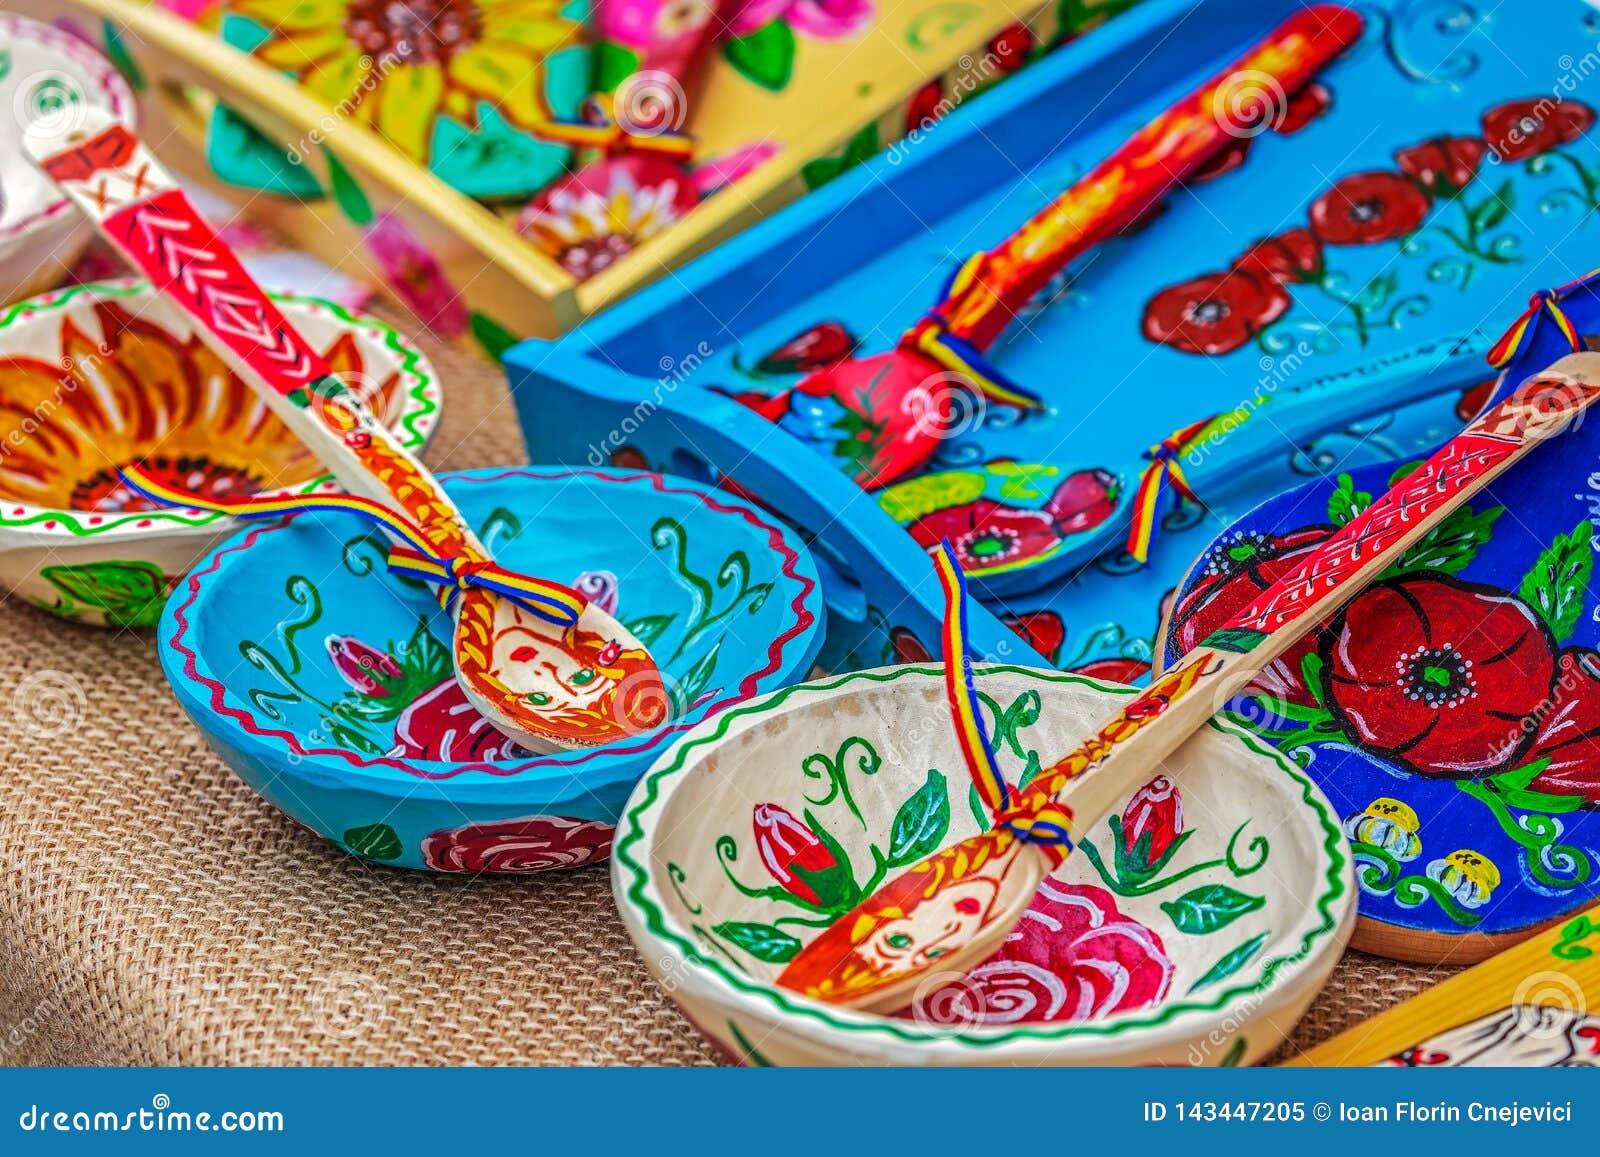 Objetos nacionales tallados y pintados con los modelos rumanos tradicionales